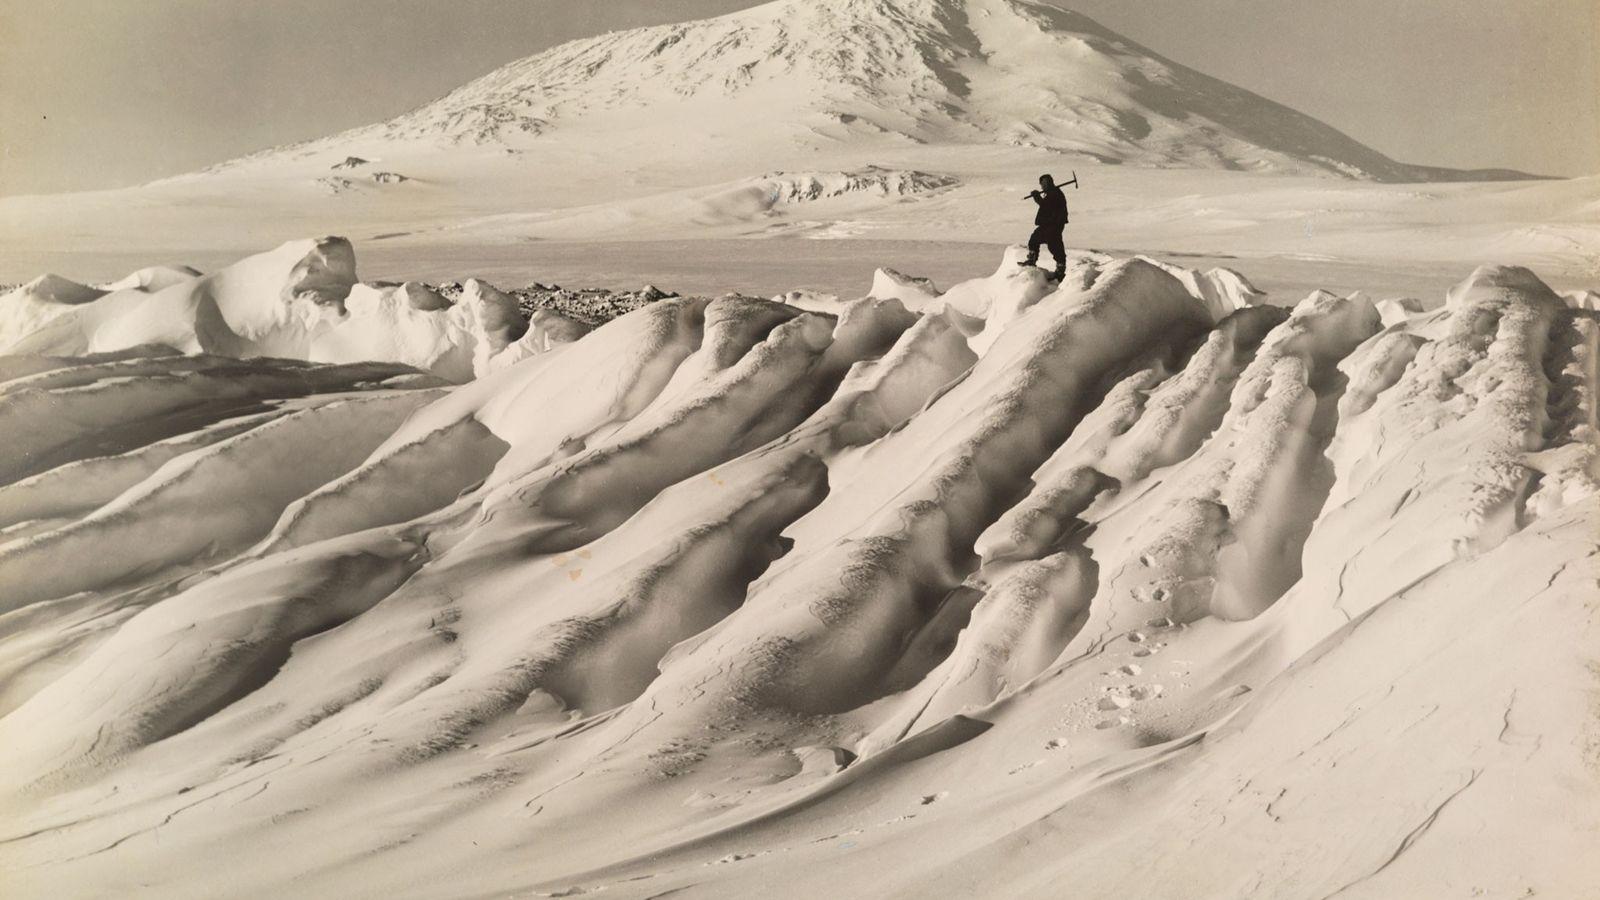 Ein Mitglied von Robert Falcon Scotts Terra-Nova-Expedition zum Südpol steht auf einem vom Wasser zerfressenen Eisberg ...